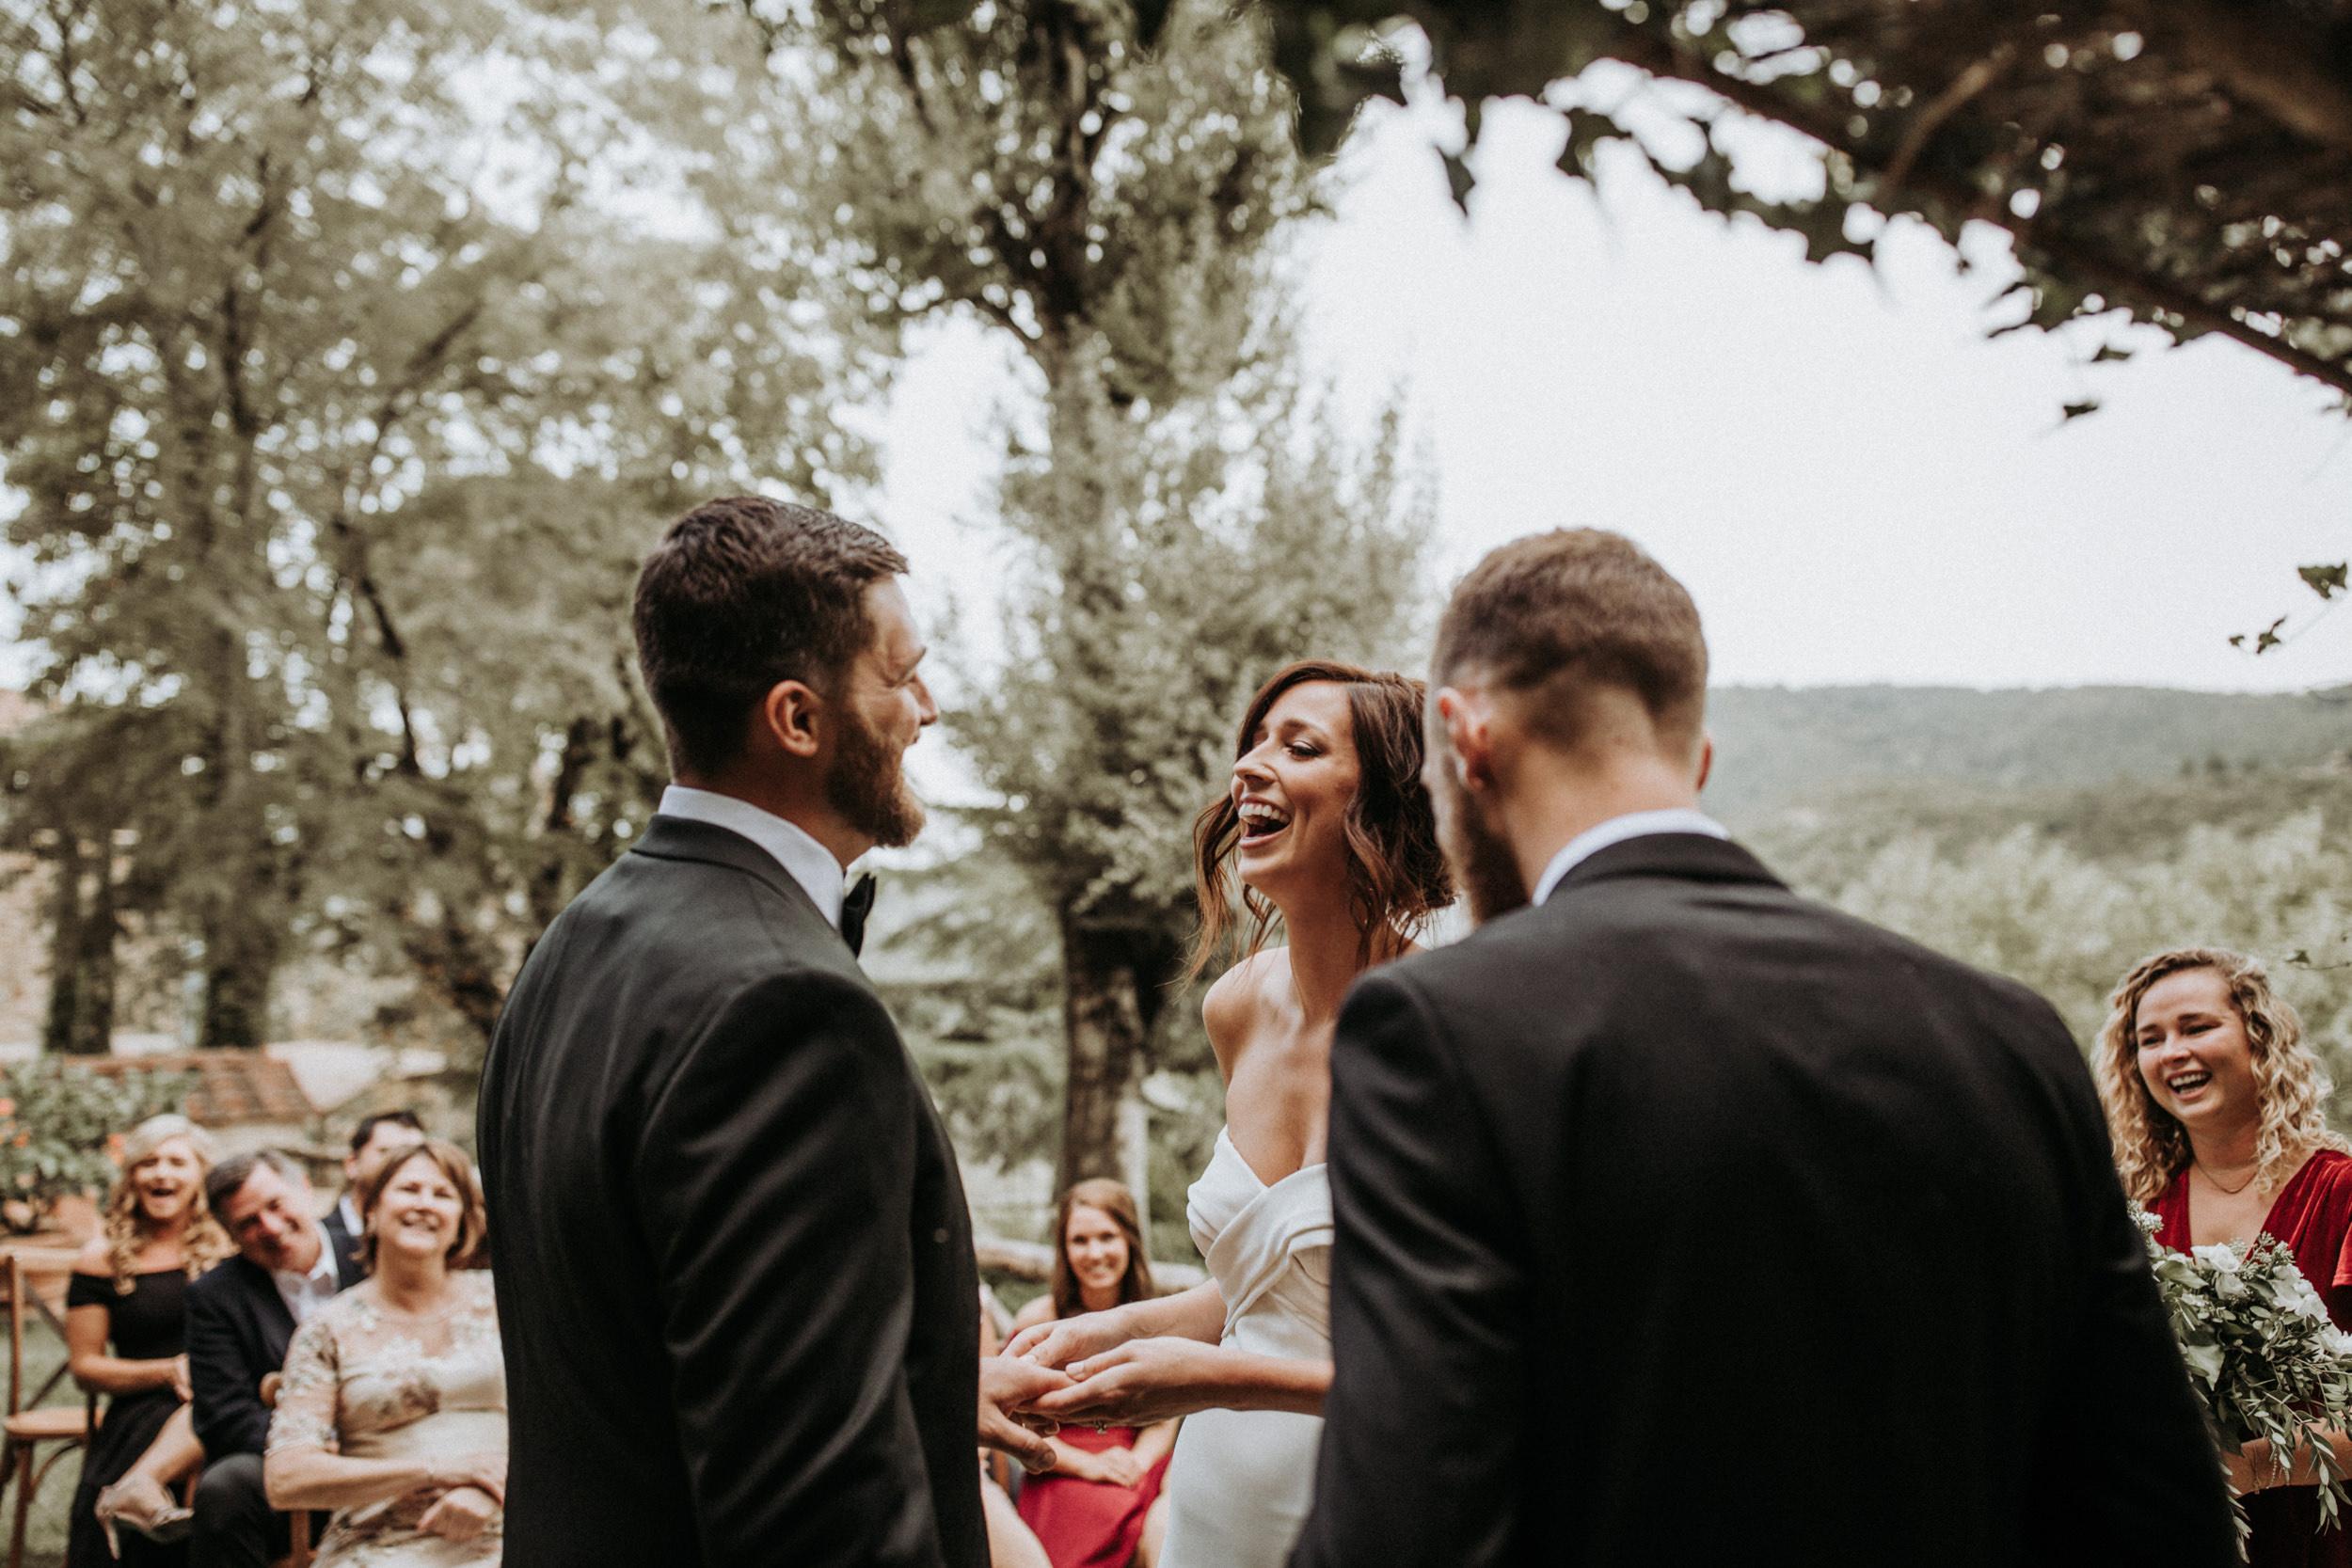 dm_photography_KW_Tuscanyweddingday_242